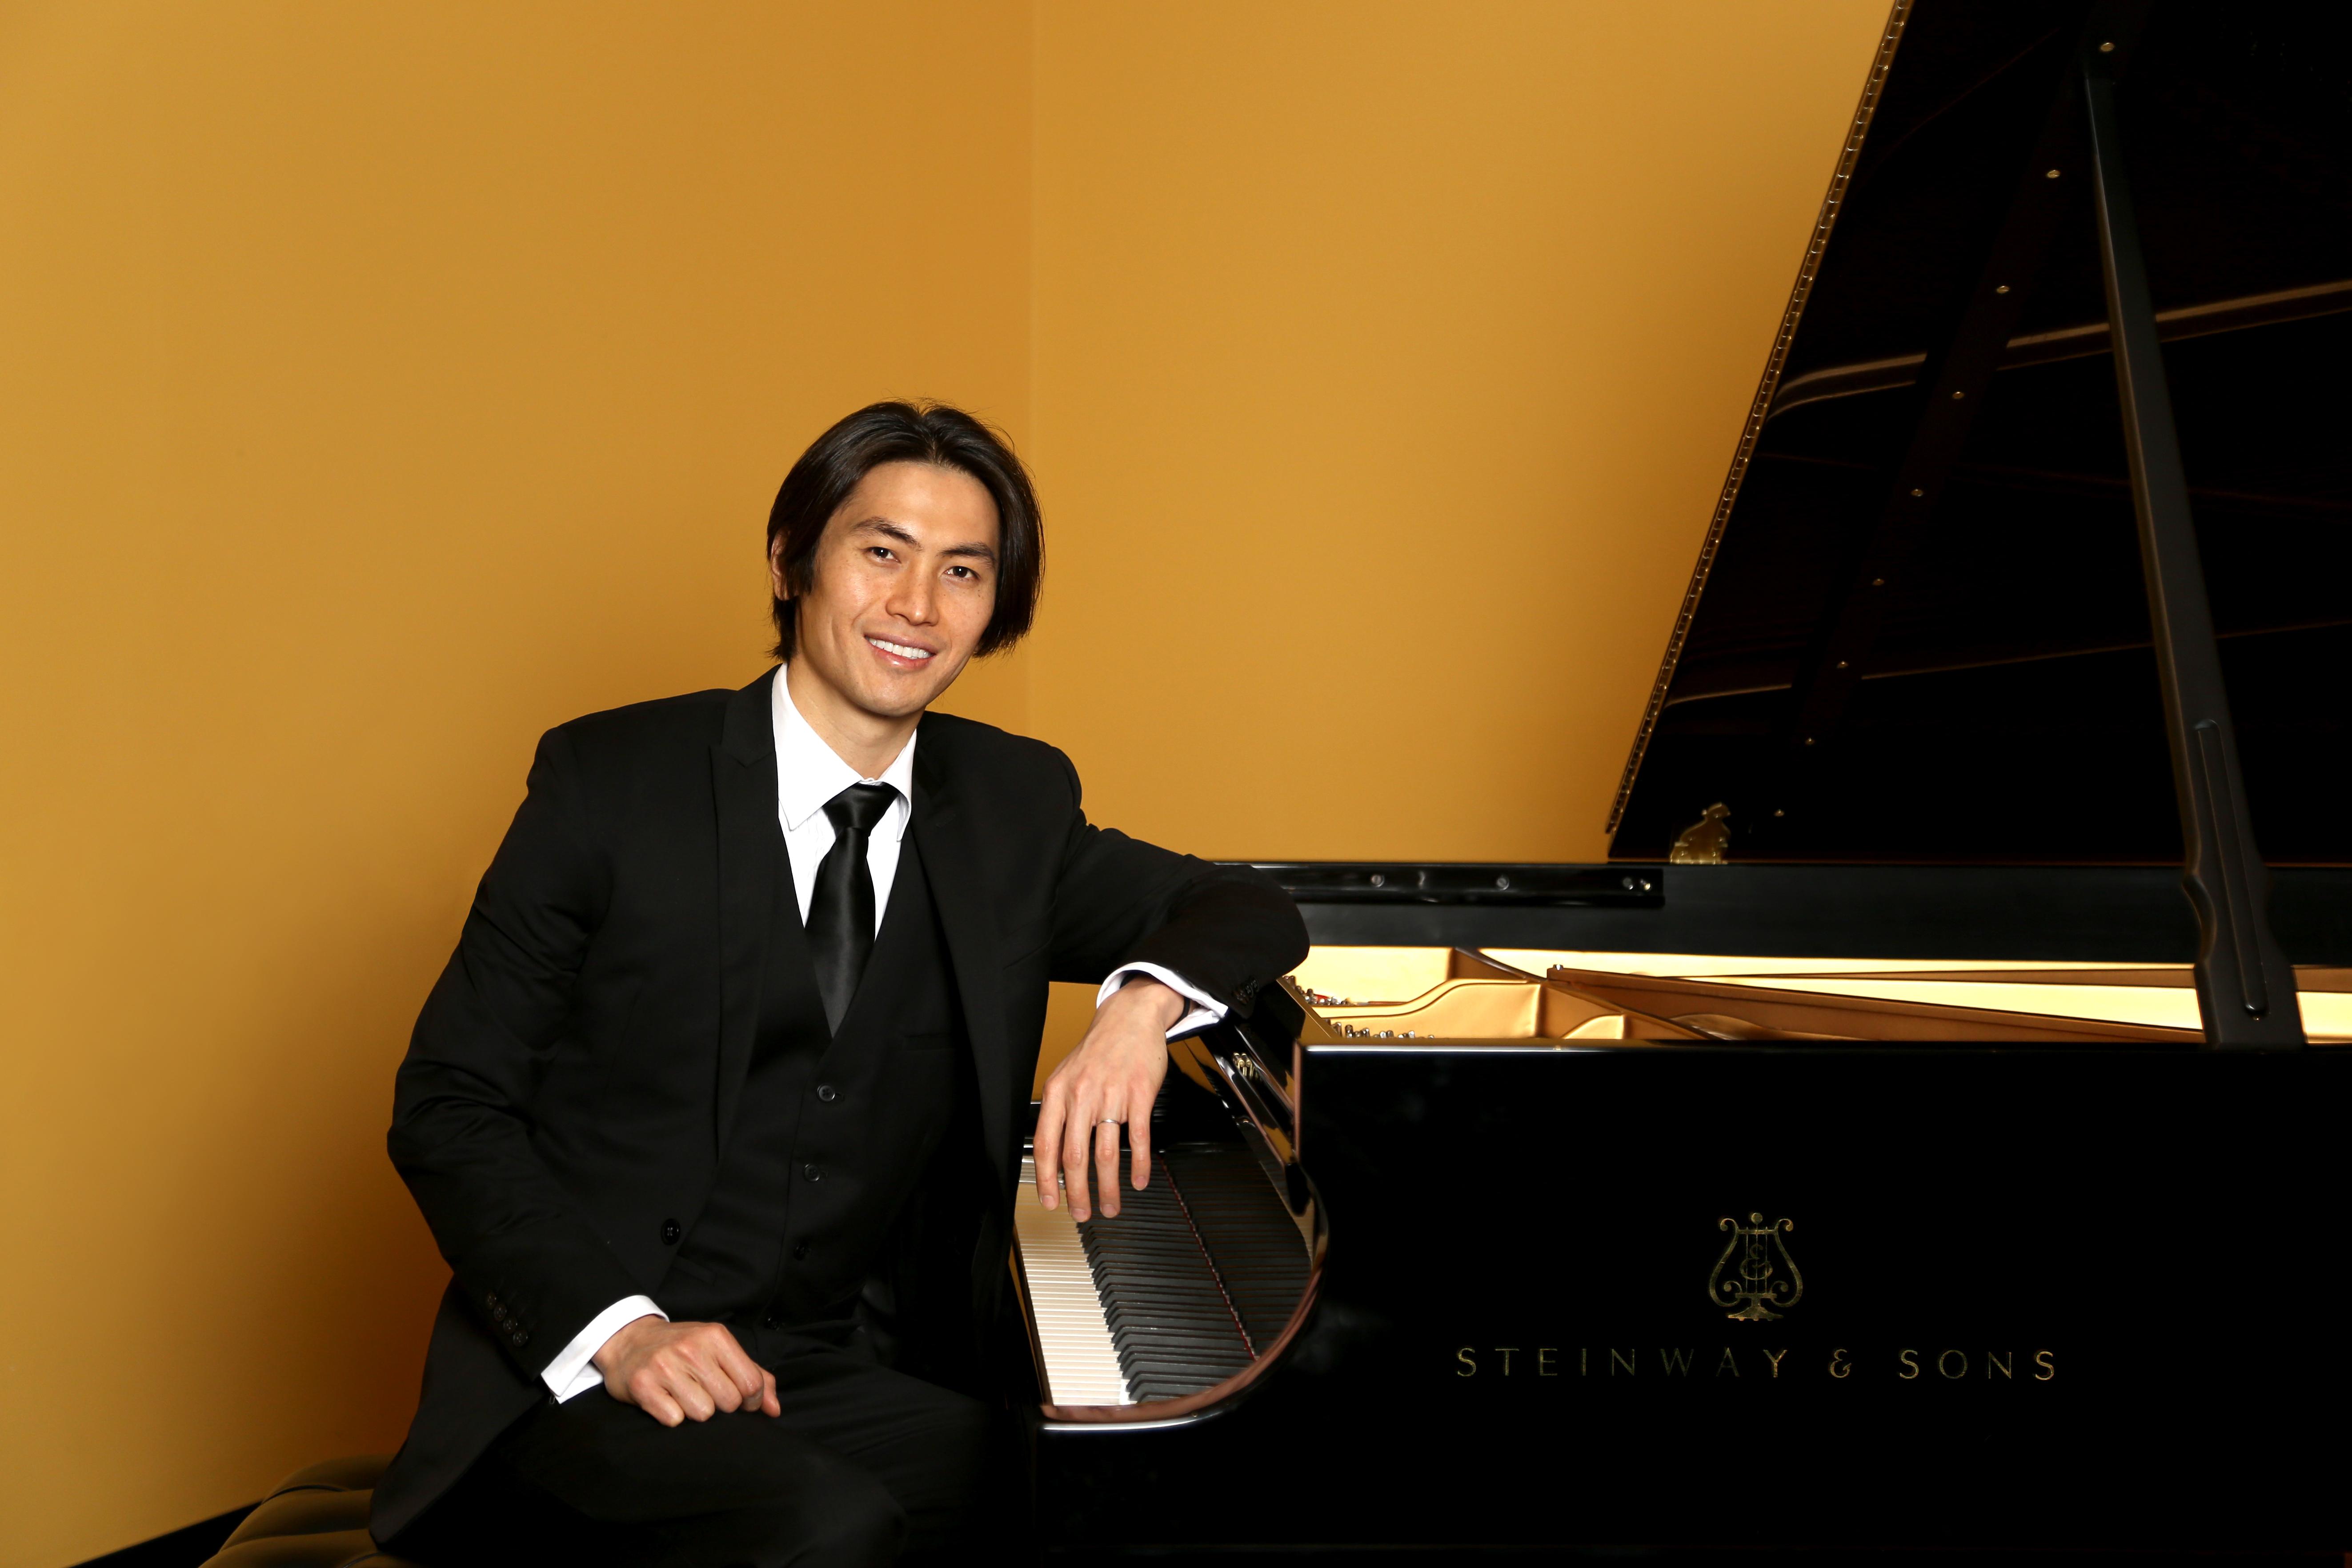 Mark Shian